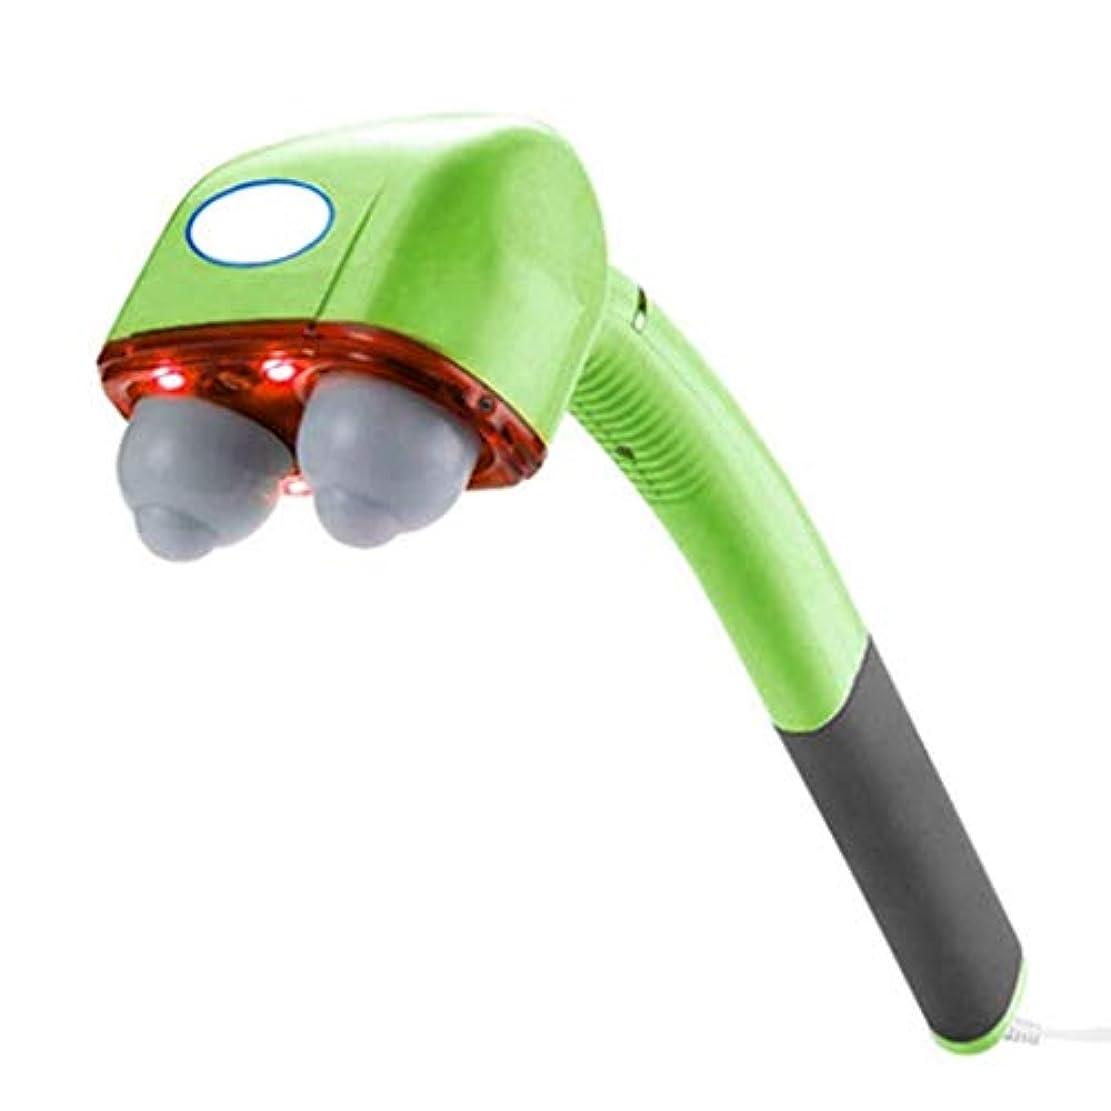 マッサージ、手持ちマッサージ、4台のマシン、全身、頸椎、背筋、リラクゼーション、振動、ディープティシューマッサージ (Color : Green)